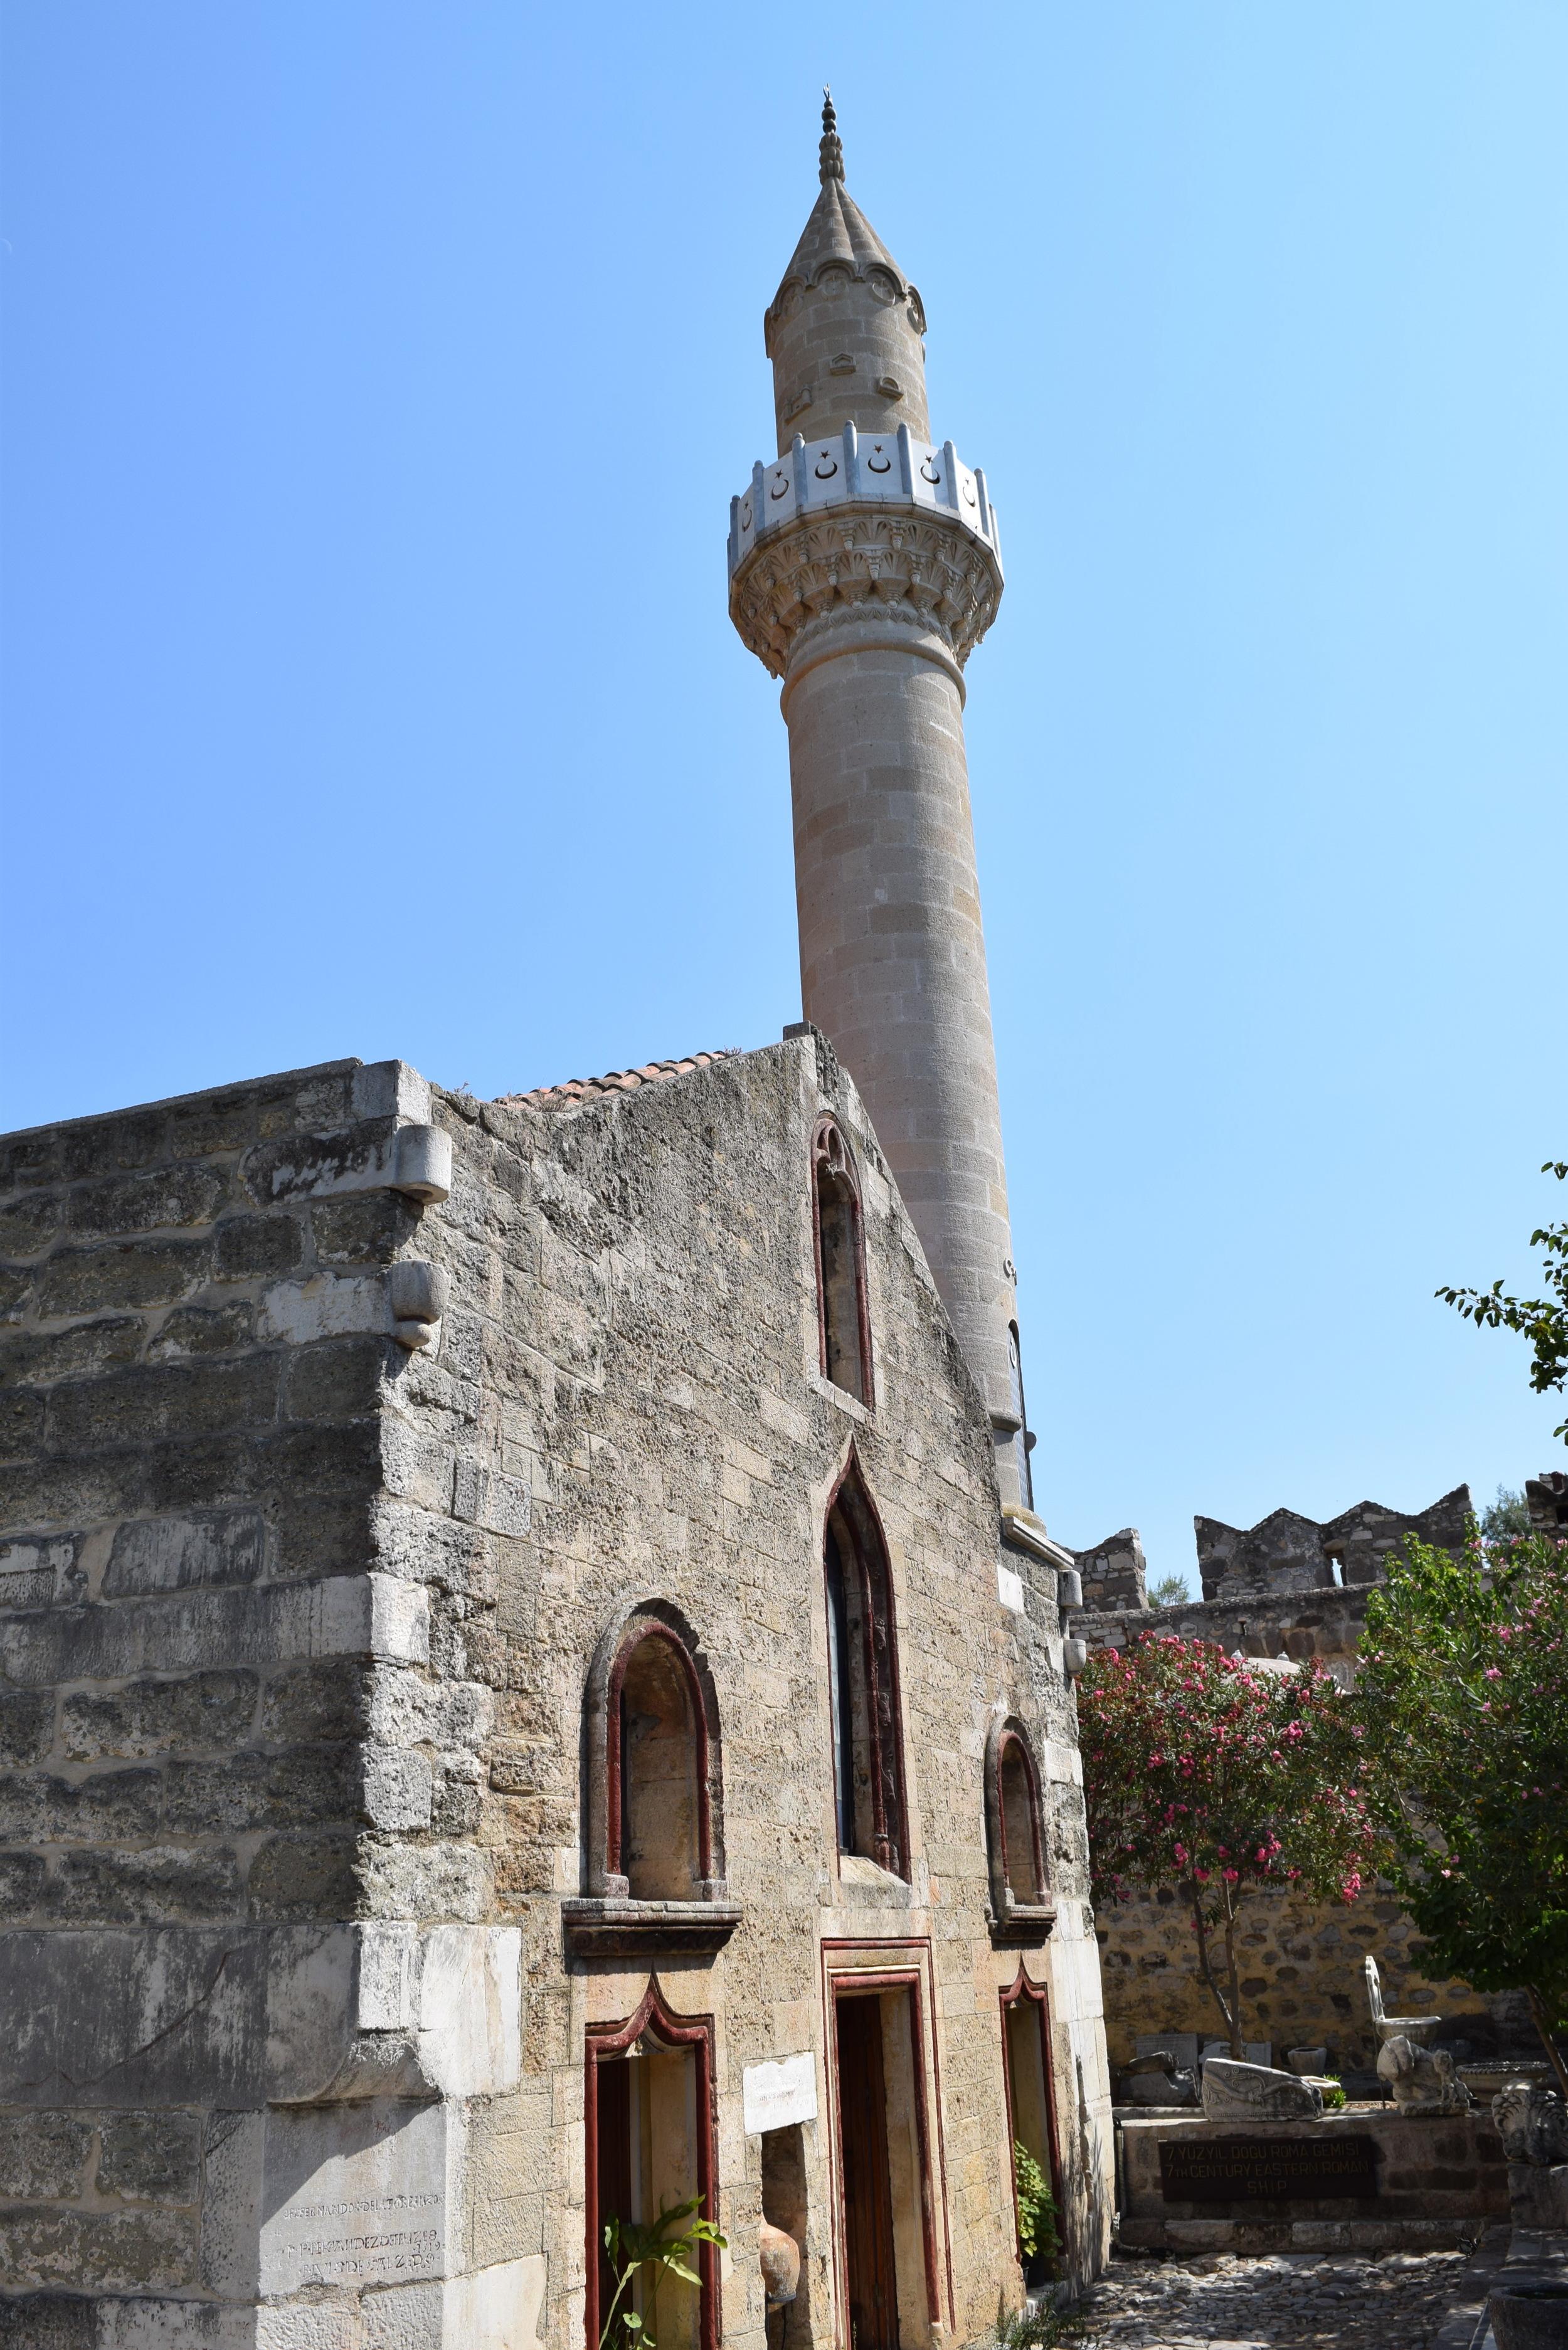 The castle chapel